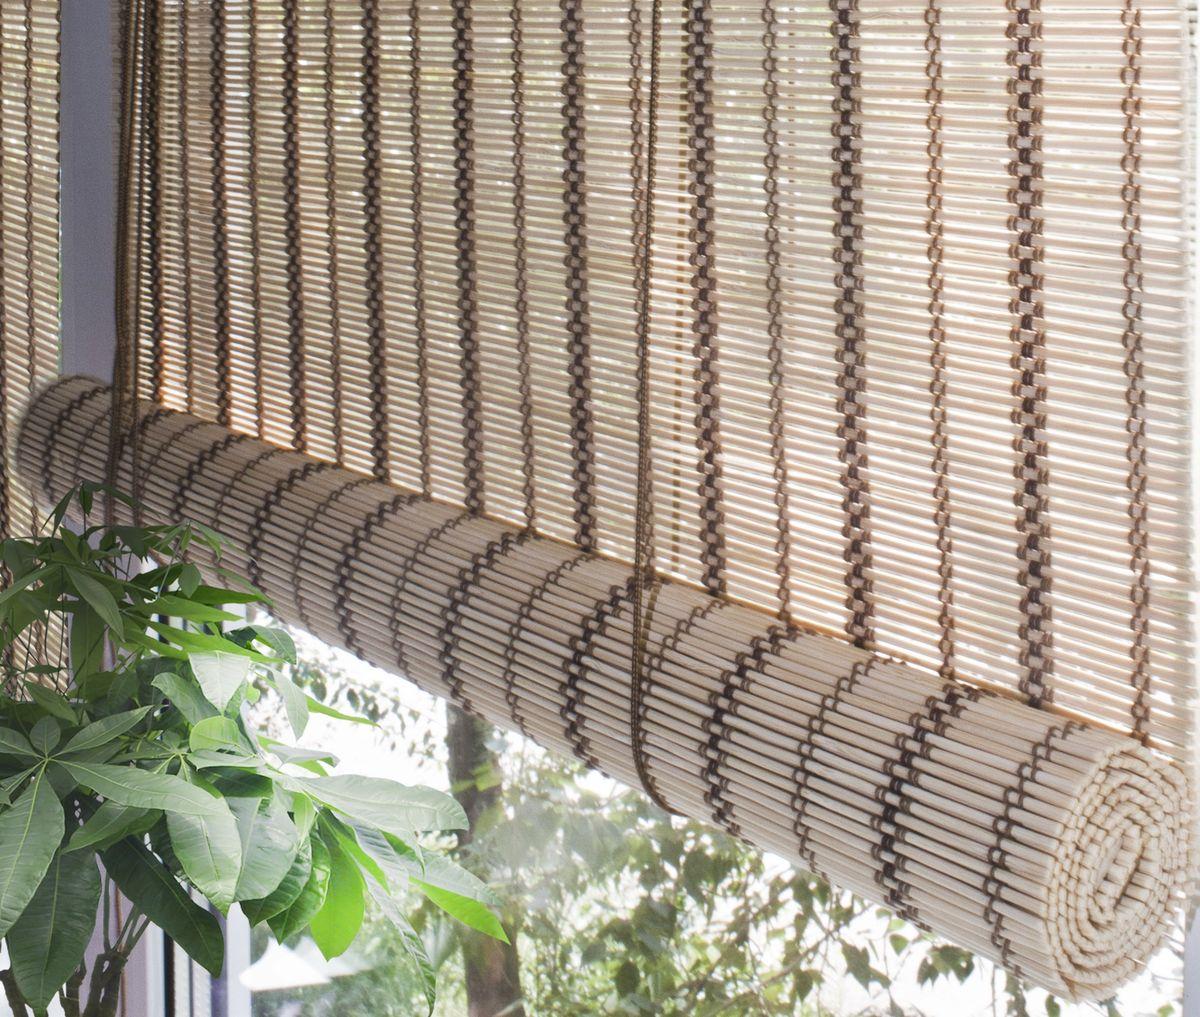 Штора рулонная Эскар Бамбук, цвет: золотой беж, ширина 120 см, высота 160 см70140120160При оформлении интерьера современных помещений многие отдают предпочтение природным материалам. Бамбуковые рулонные шторы - одно из натуральных изделий, способное сделать атмосферу помещения более уютной и в то же время необычной. Свойства бамбука уникальны: он экологически чист, так как быстро вырастает, благодаря чему не успевает накопить вредные вещества из окружающей среды. Кроме того, растение обладает противомикробным и антибактериальным действием. Занавеси из бамбука безопасно использовать в помещениях, где находятся новорожденные дети и люди, склонные к аллергии. Они незаменимы для тех, кто заботится о своем здоровье и уделяет внимание высокому уровню жизни.Бамбуковые рулонные шторы представляют собой полотно, состоящее из тонких бамбуковых стеблей и сворачиваемое в рулон.Римские бамбуковые шторы, как и тканевые римские шторы, при поднятии образуют крупные складки, которые прекрасно декорируют окно.Особенность устройства полотна позволяет свободно пропускать дневной свет, что обеспечивает мягкое освещение комнаты. Это натуральный влагостойкий материал, который легко вписывается в любой интерьер, хорошо сочетается с различной мебелью и элементами отделки. Использование бамбукового полотна придает помещению необычный вид и визуально расширяет пространство.Помимо внешней красоты, это еще и очень удобные конструкции, экономящие пространство. Изготавливаются они из специальных материалов, устойчивых к внешним воздействиям. Сама штора очень эргономичная, и позволяет изменять визуально пространство в зависимости от потребностей владельца.